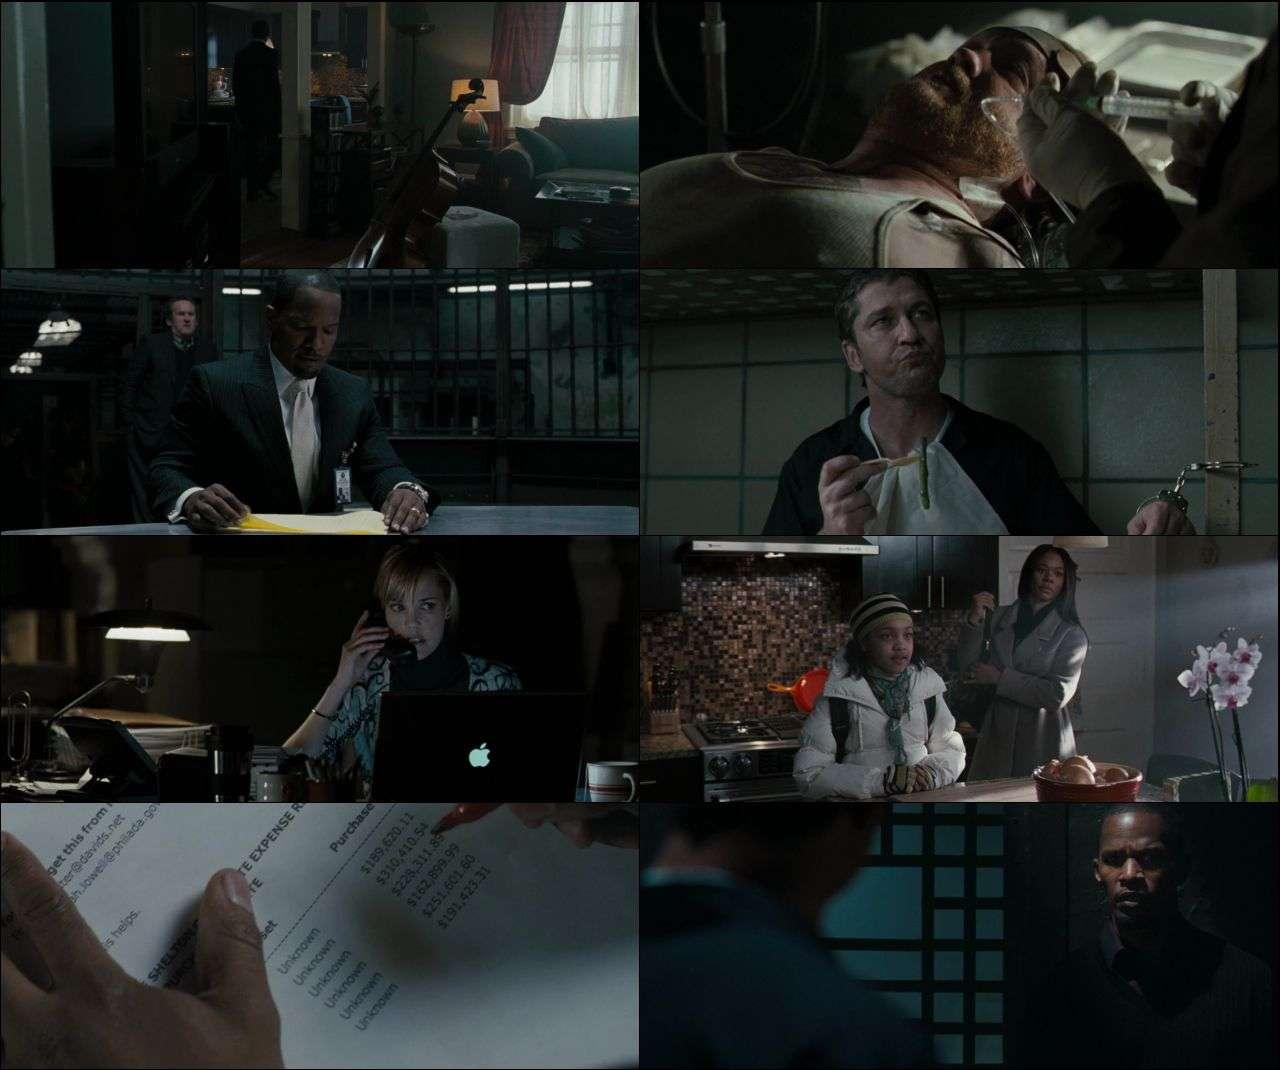 Adalet Peşinde - Law Abiding Citizen (2009) hd türkçe dublaj film indir